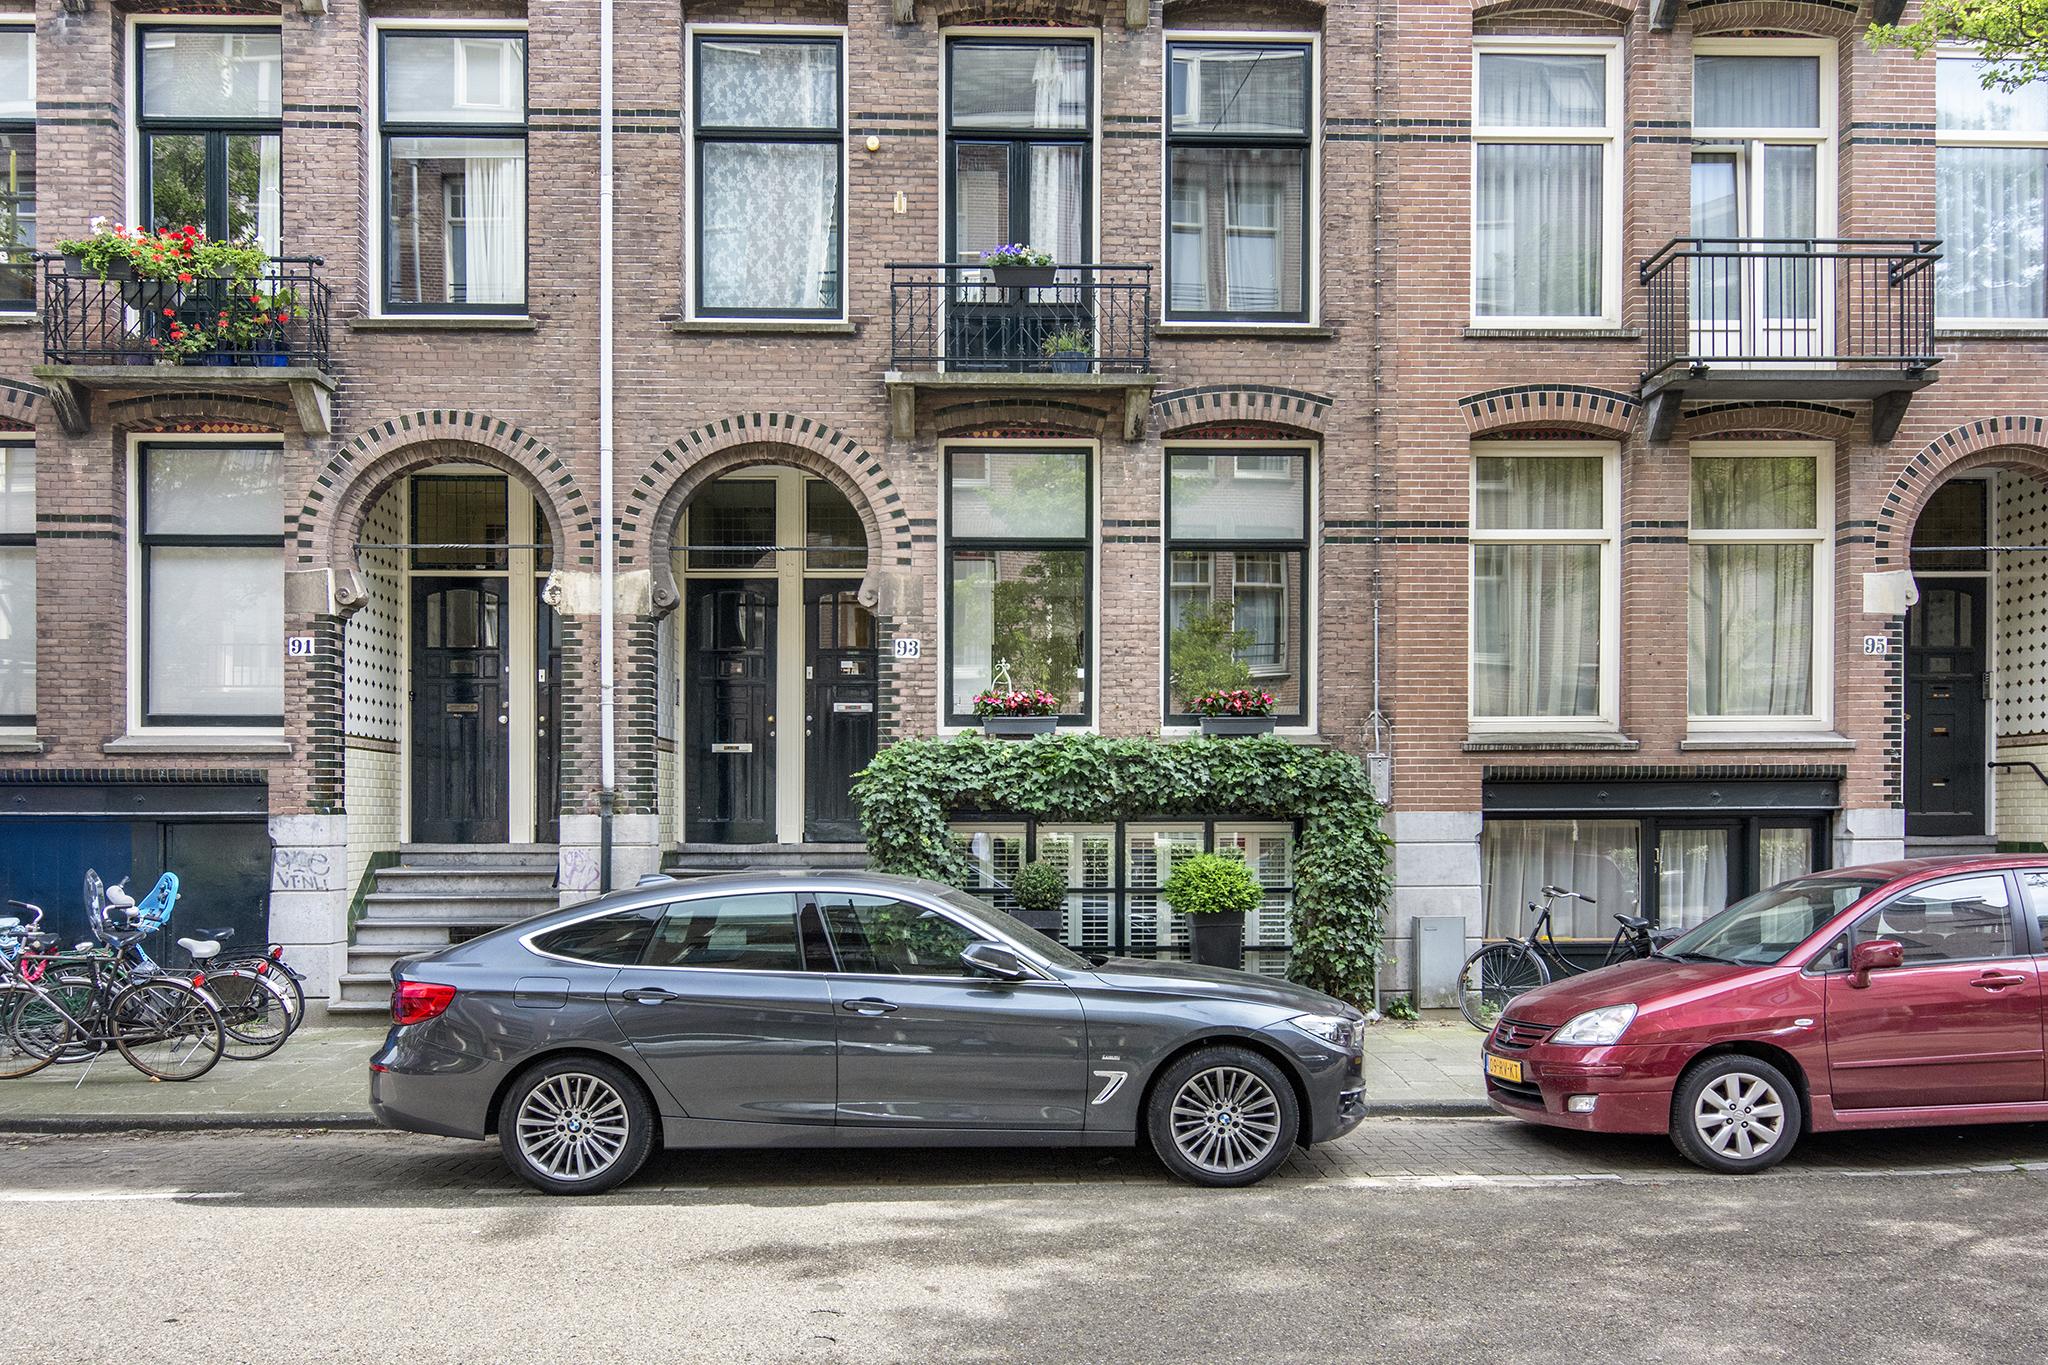 Ruysdaelstraat 93 H